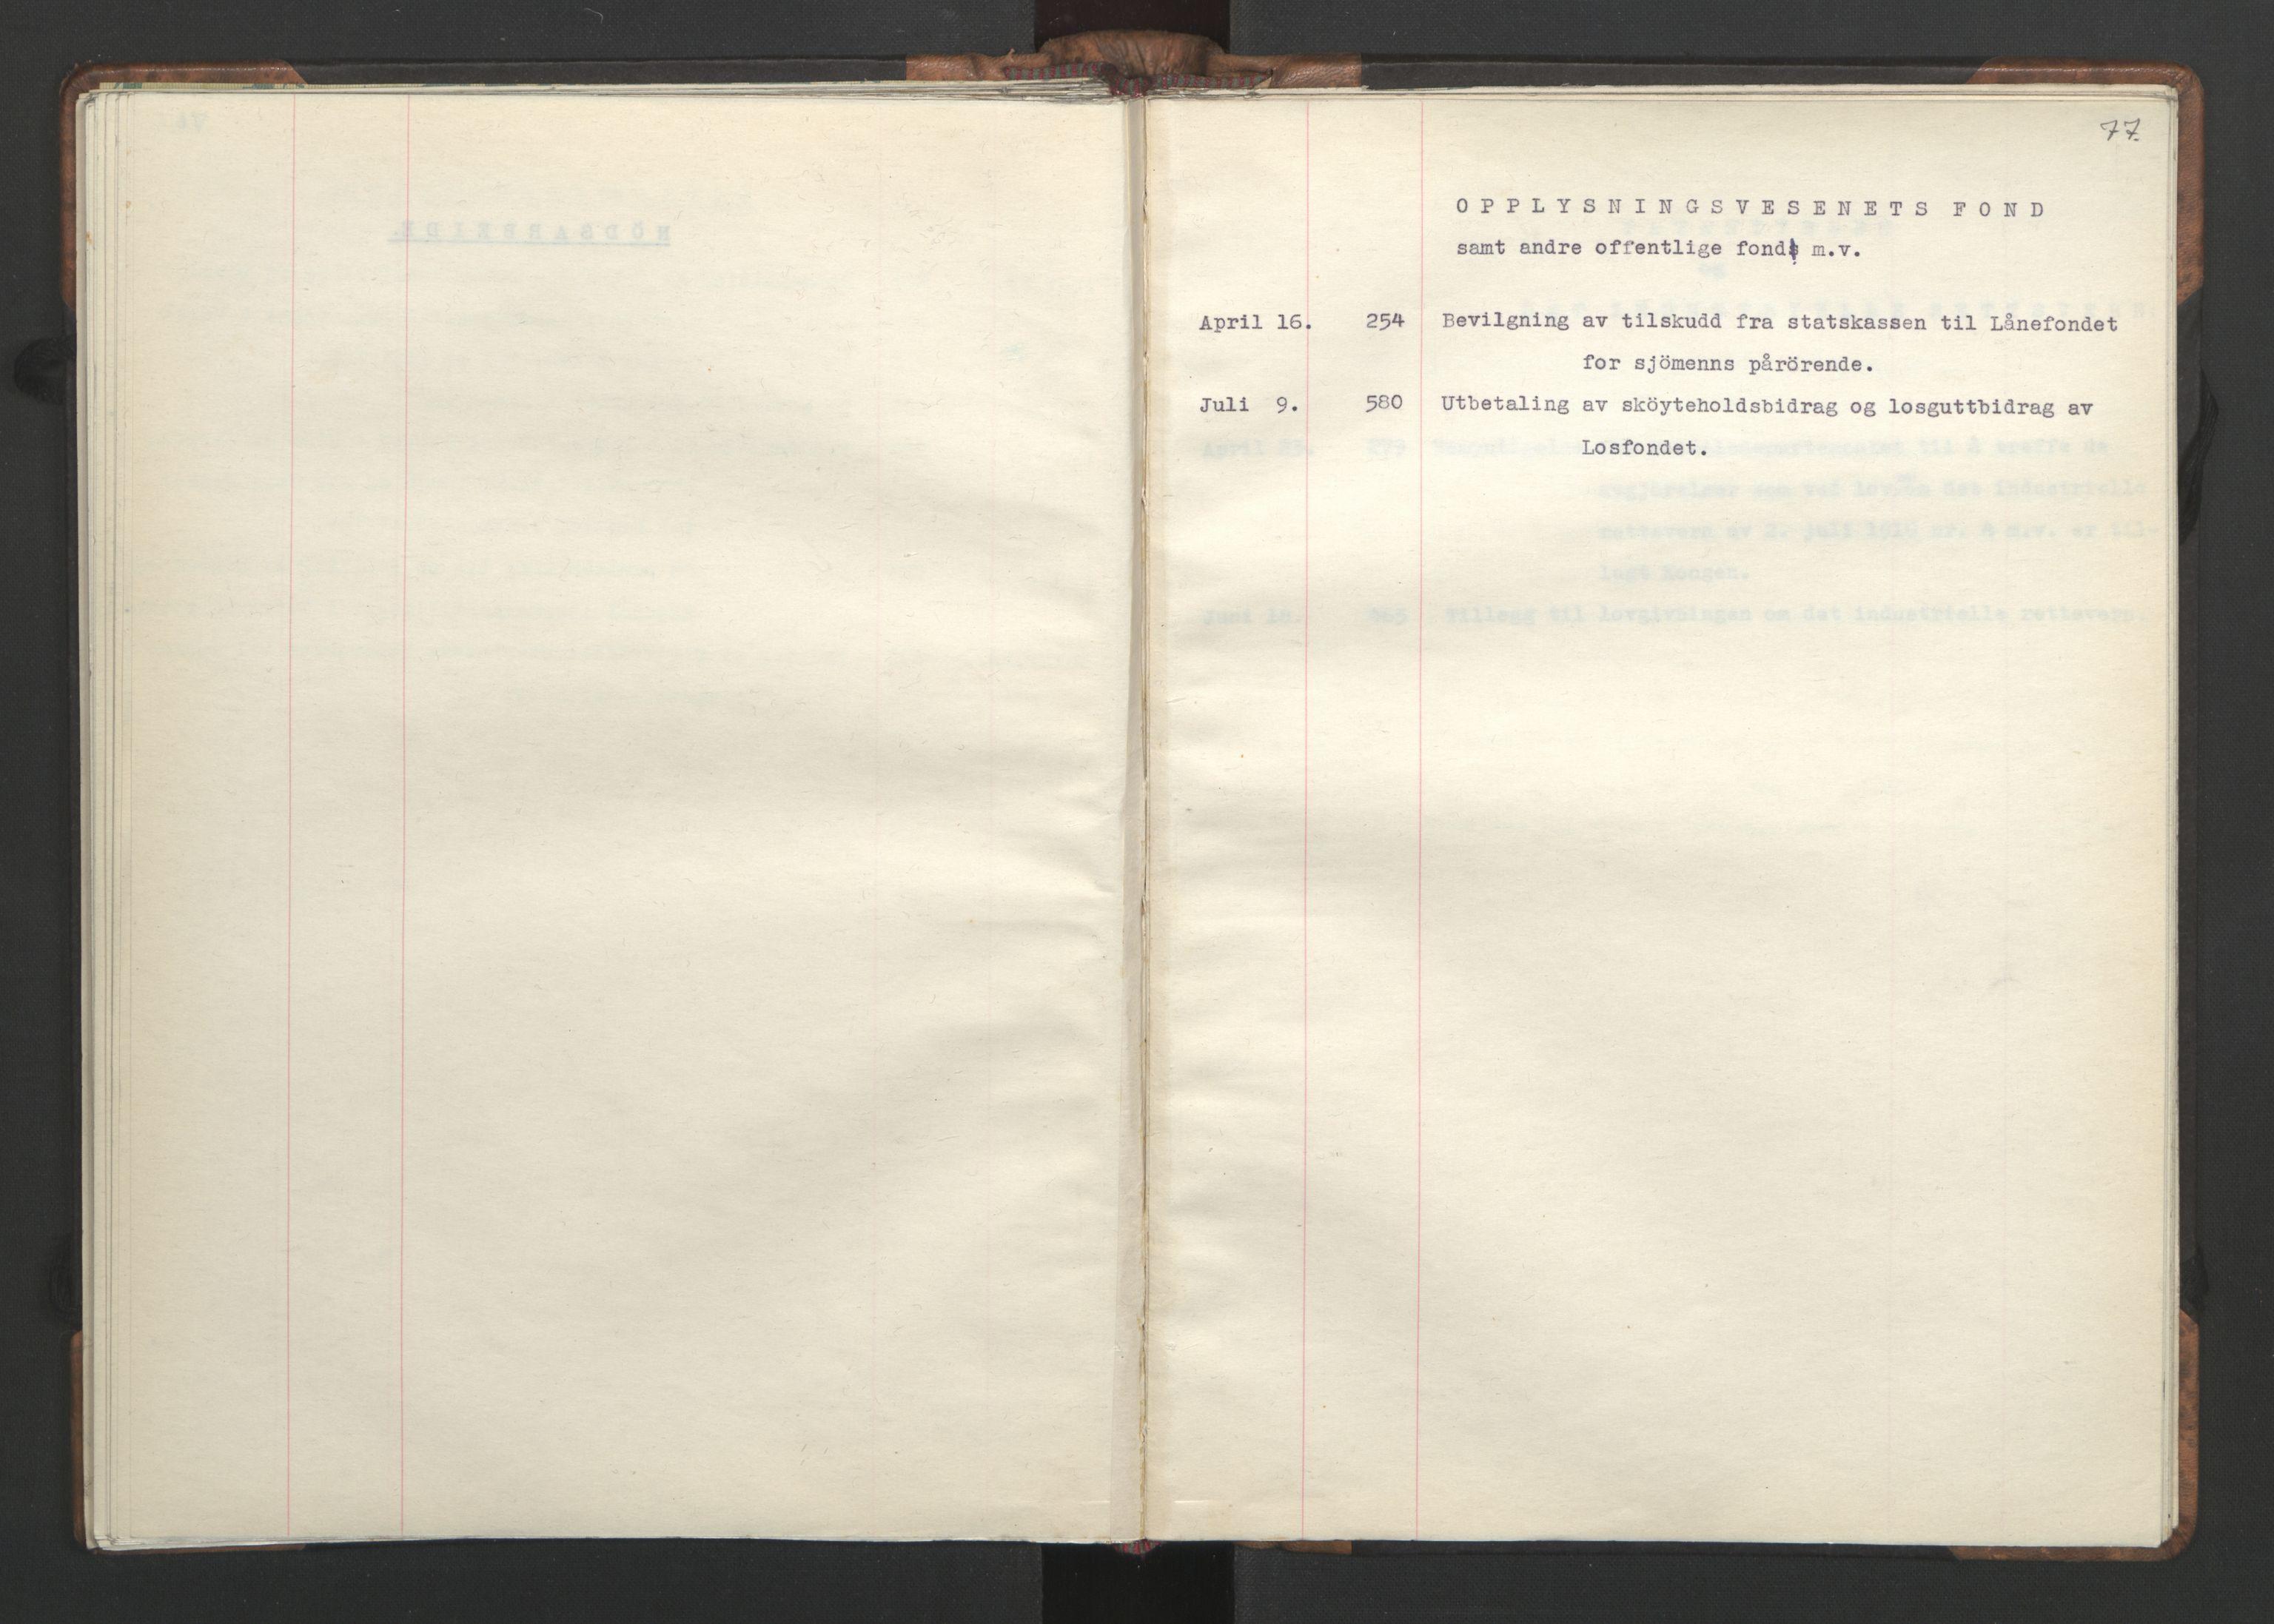 RA, NS-administrasjonen 1940-1945 (Statsrådsekretariatet, de kommisariske statsråder mm), D/Da/L0002: Register (RA j.nr. 985/1943, tilgangsnr. 17/1943), 1942, s. 76b-77a